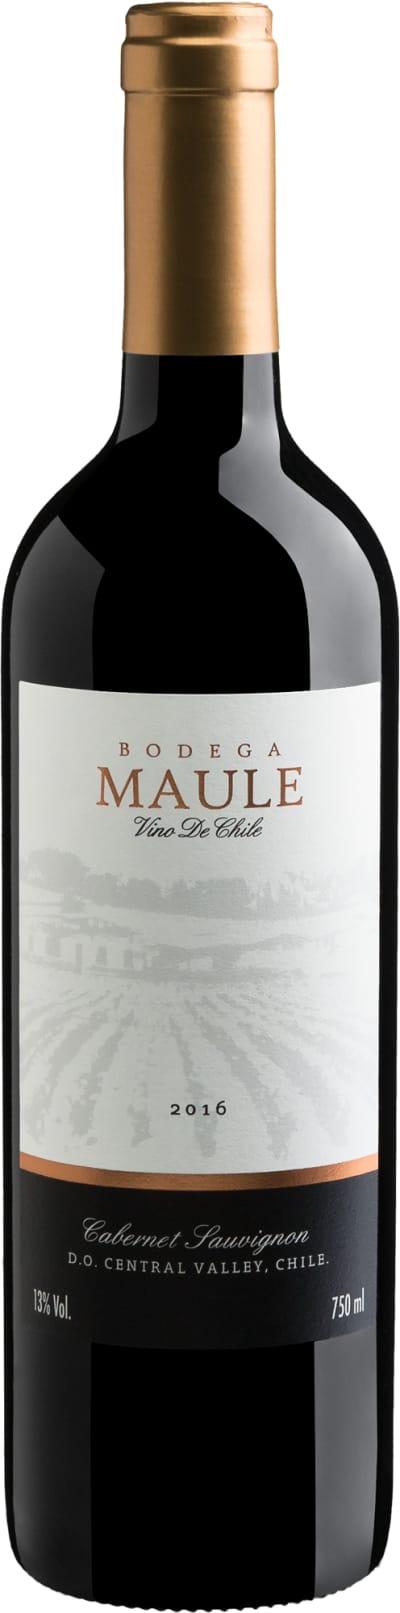 Bodega Maule Cabernet Sauvignon 2016